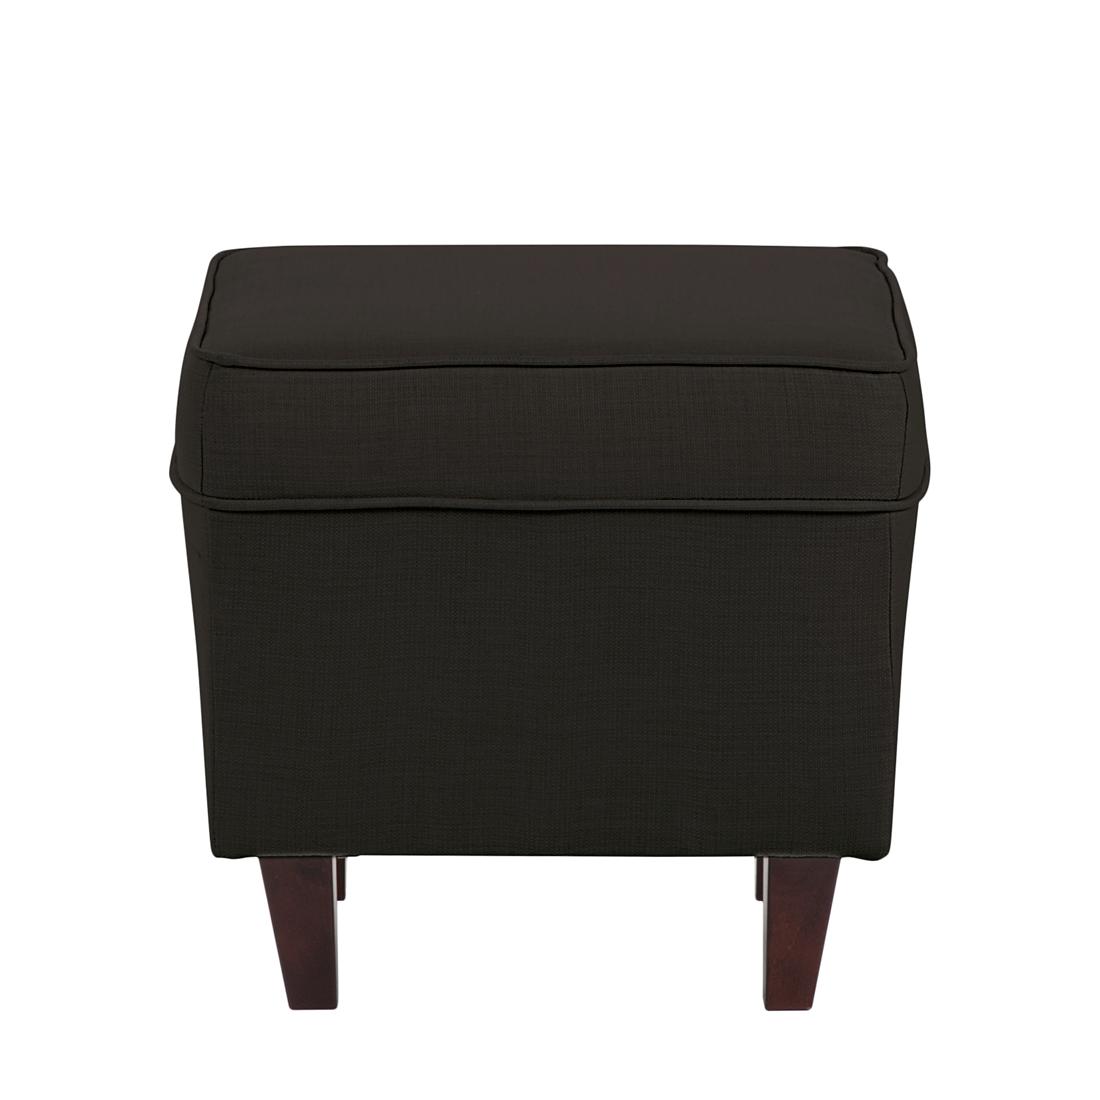 sessel colmar mit hocker carprola for. Black Bedroom Furniture Sets. Home Design Ideas